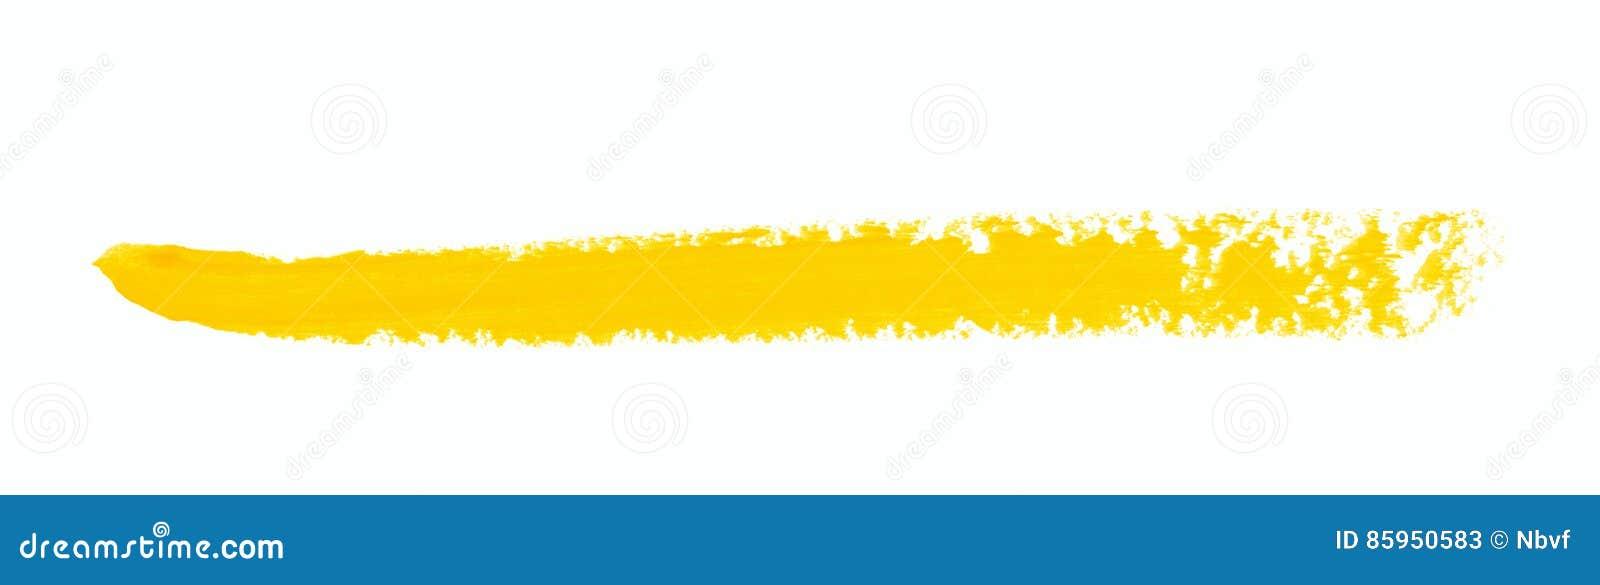 Sola línea movimiento del marcador aislado